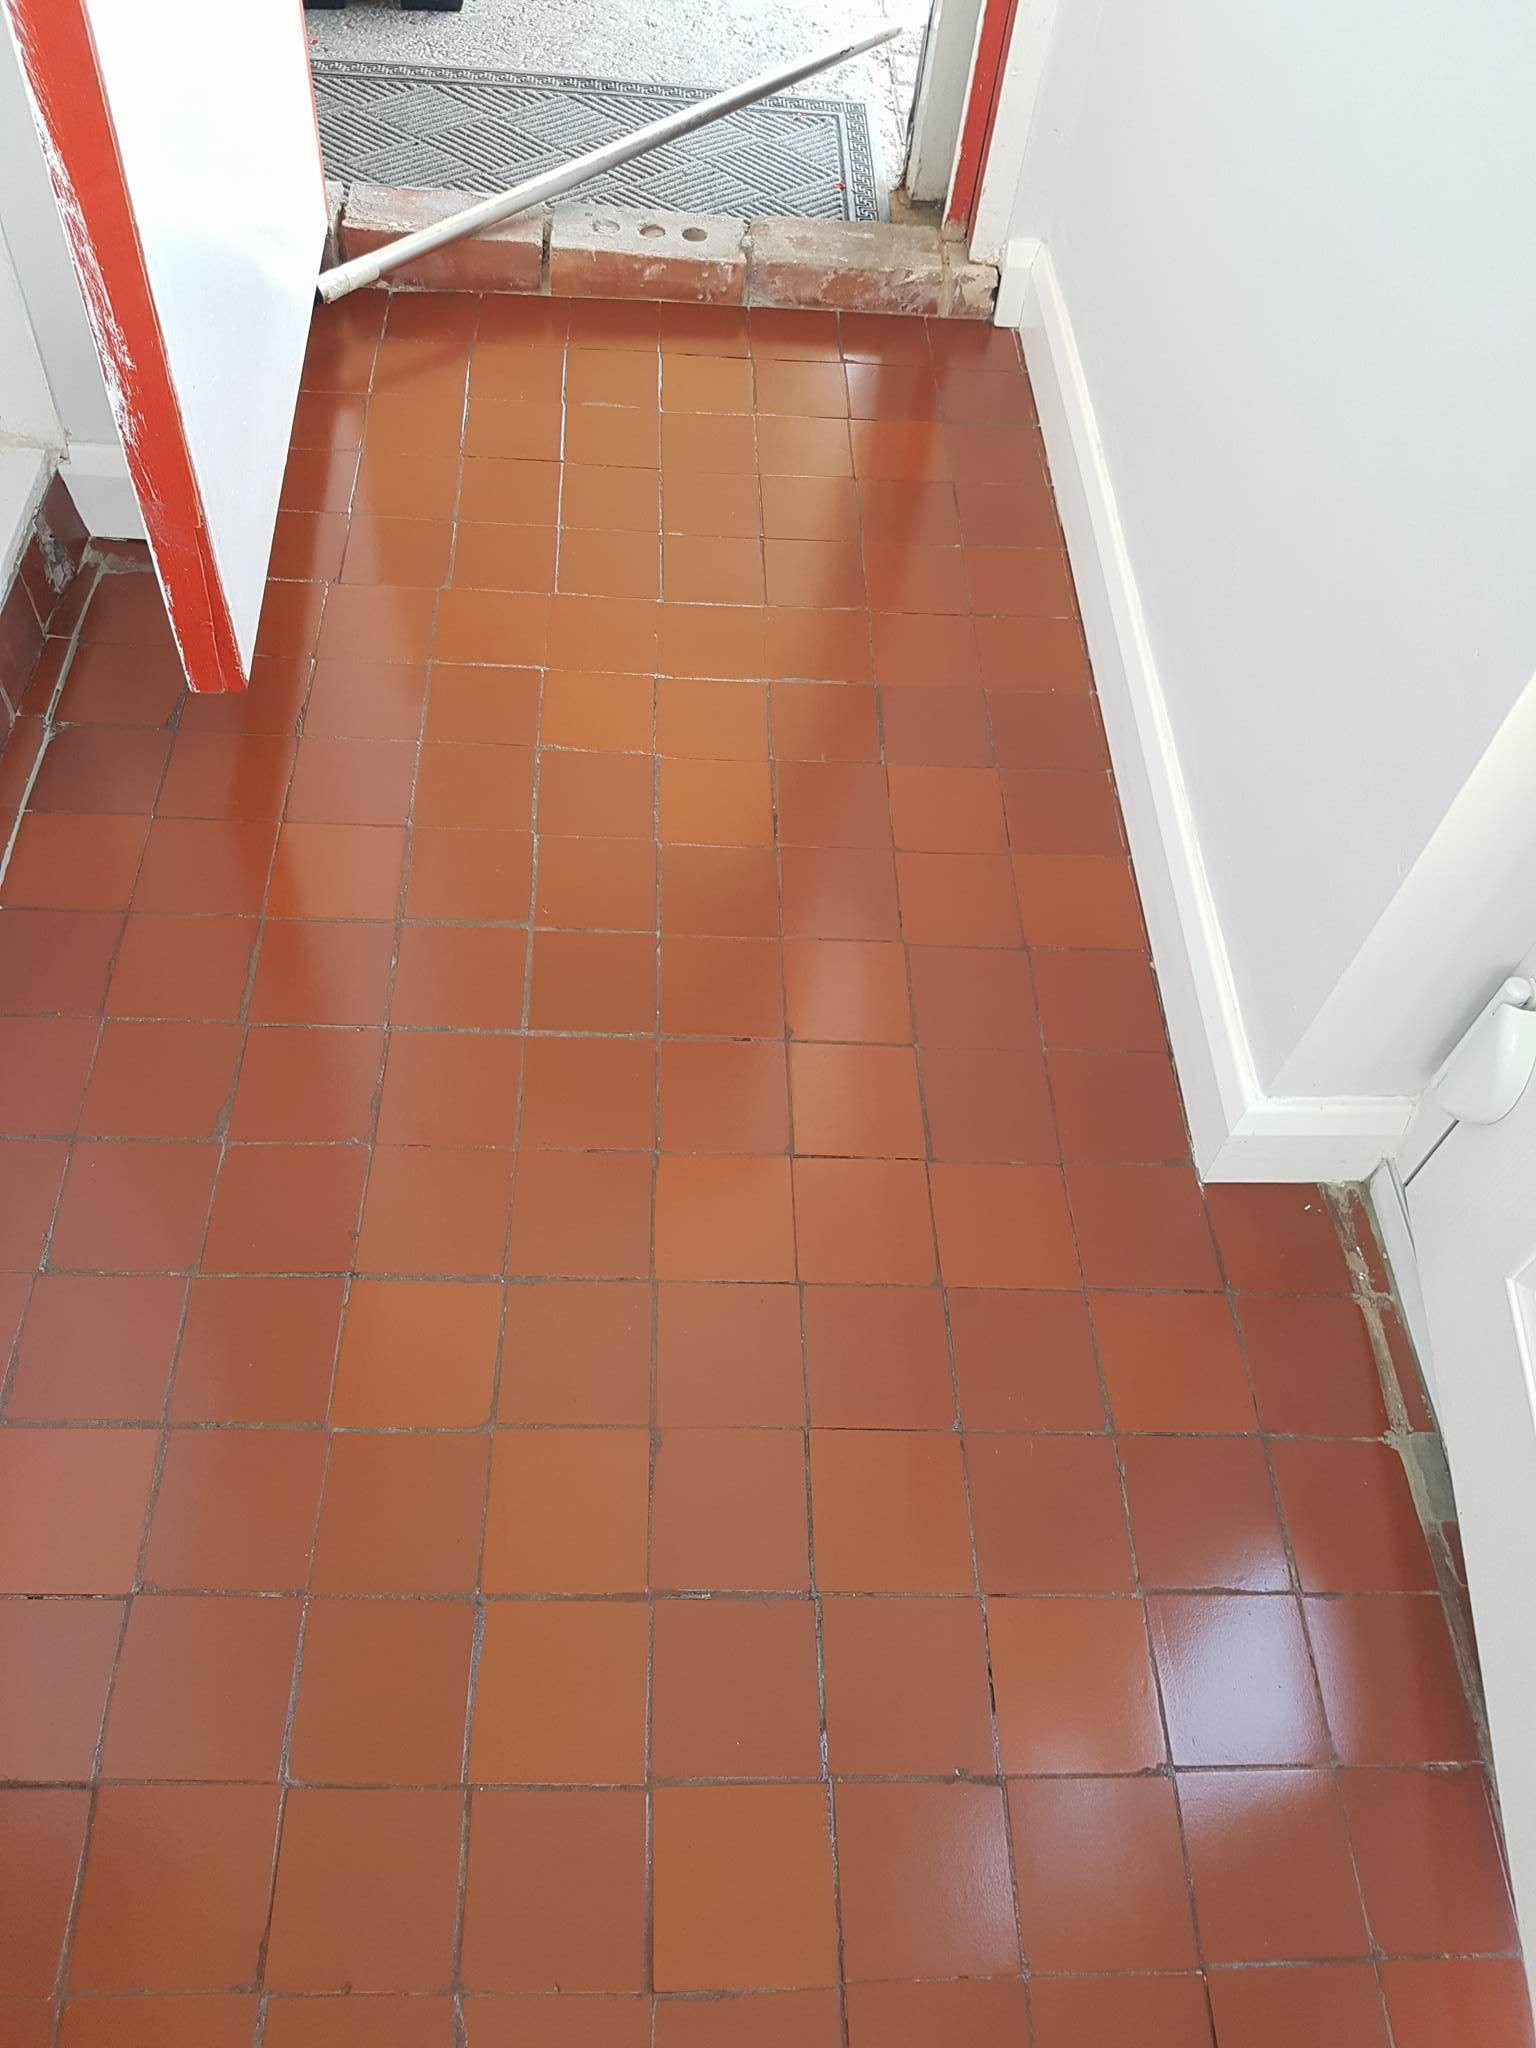 Quarry tiled porch after sealing Middleton